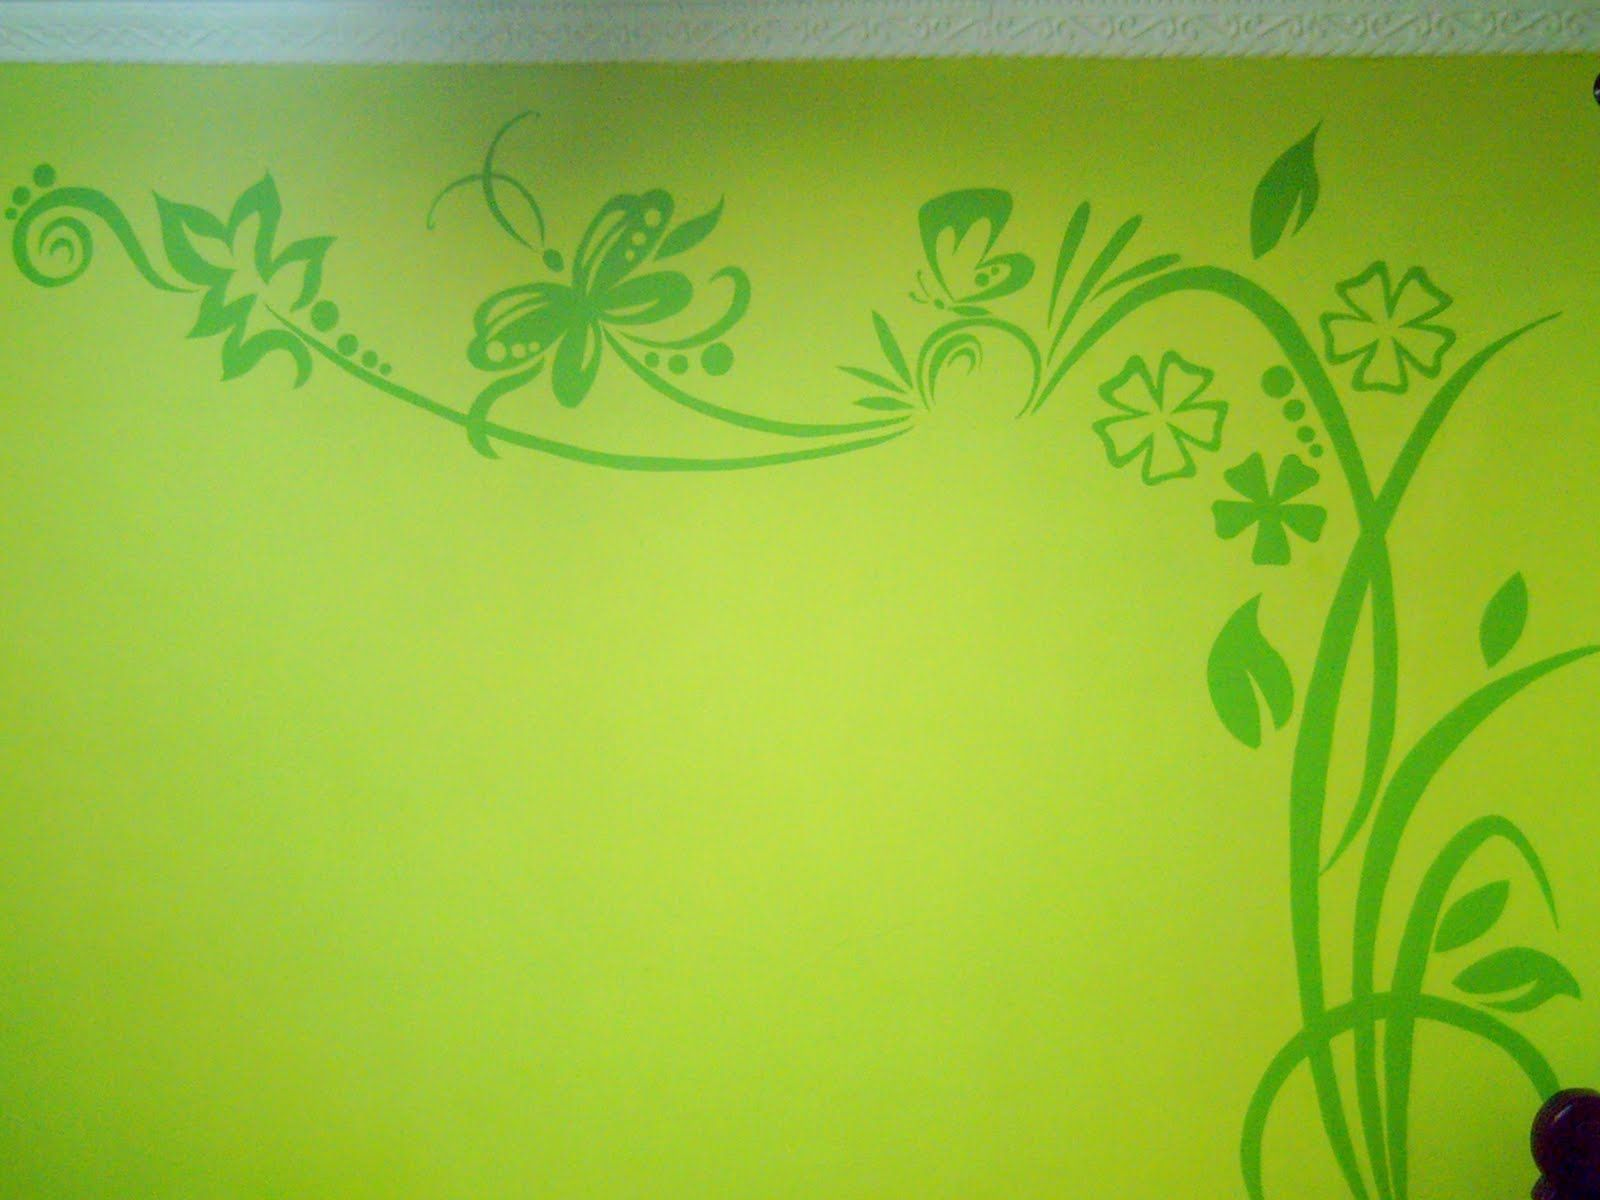 Paredes pintadas buscar con google nuevo pinterest - Banos con paredes pintadas ...